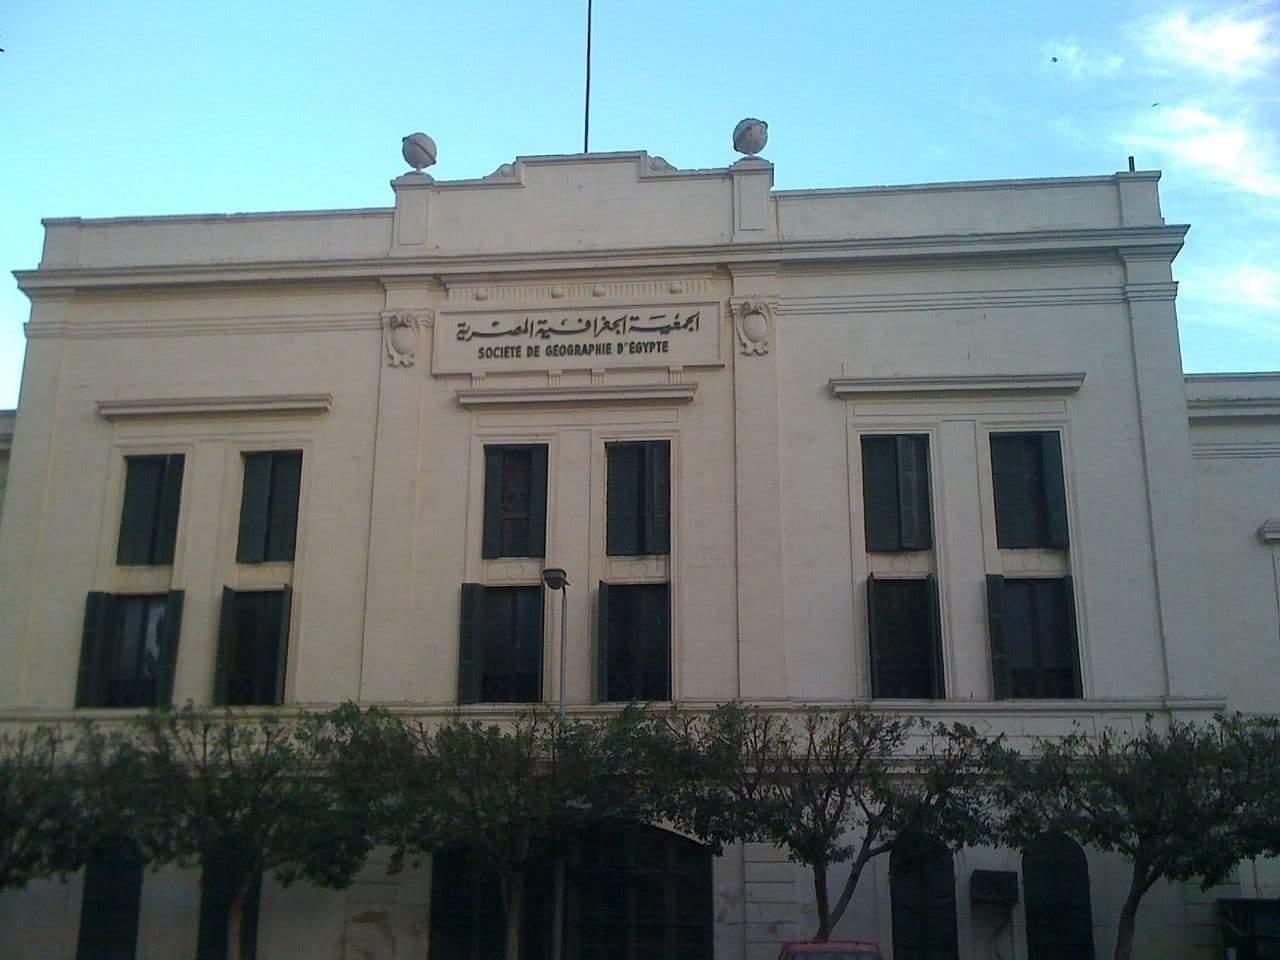 الجمعية الجغرافية المصرية!